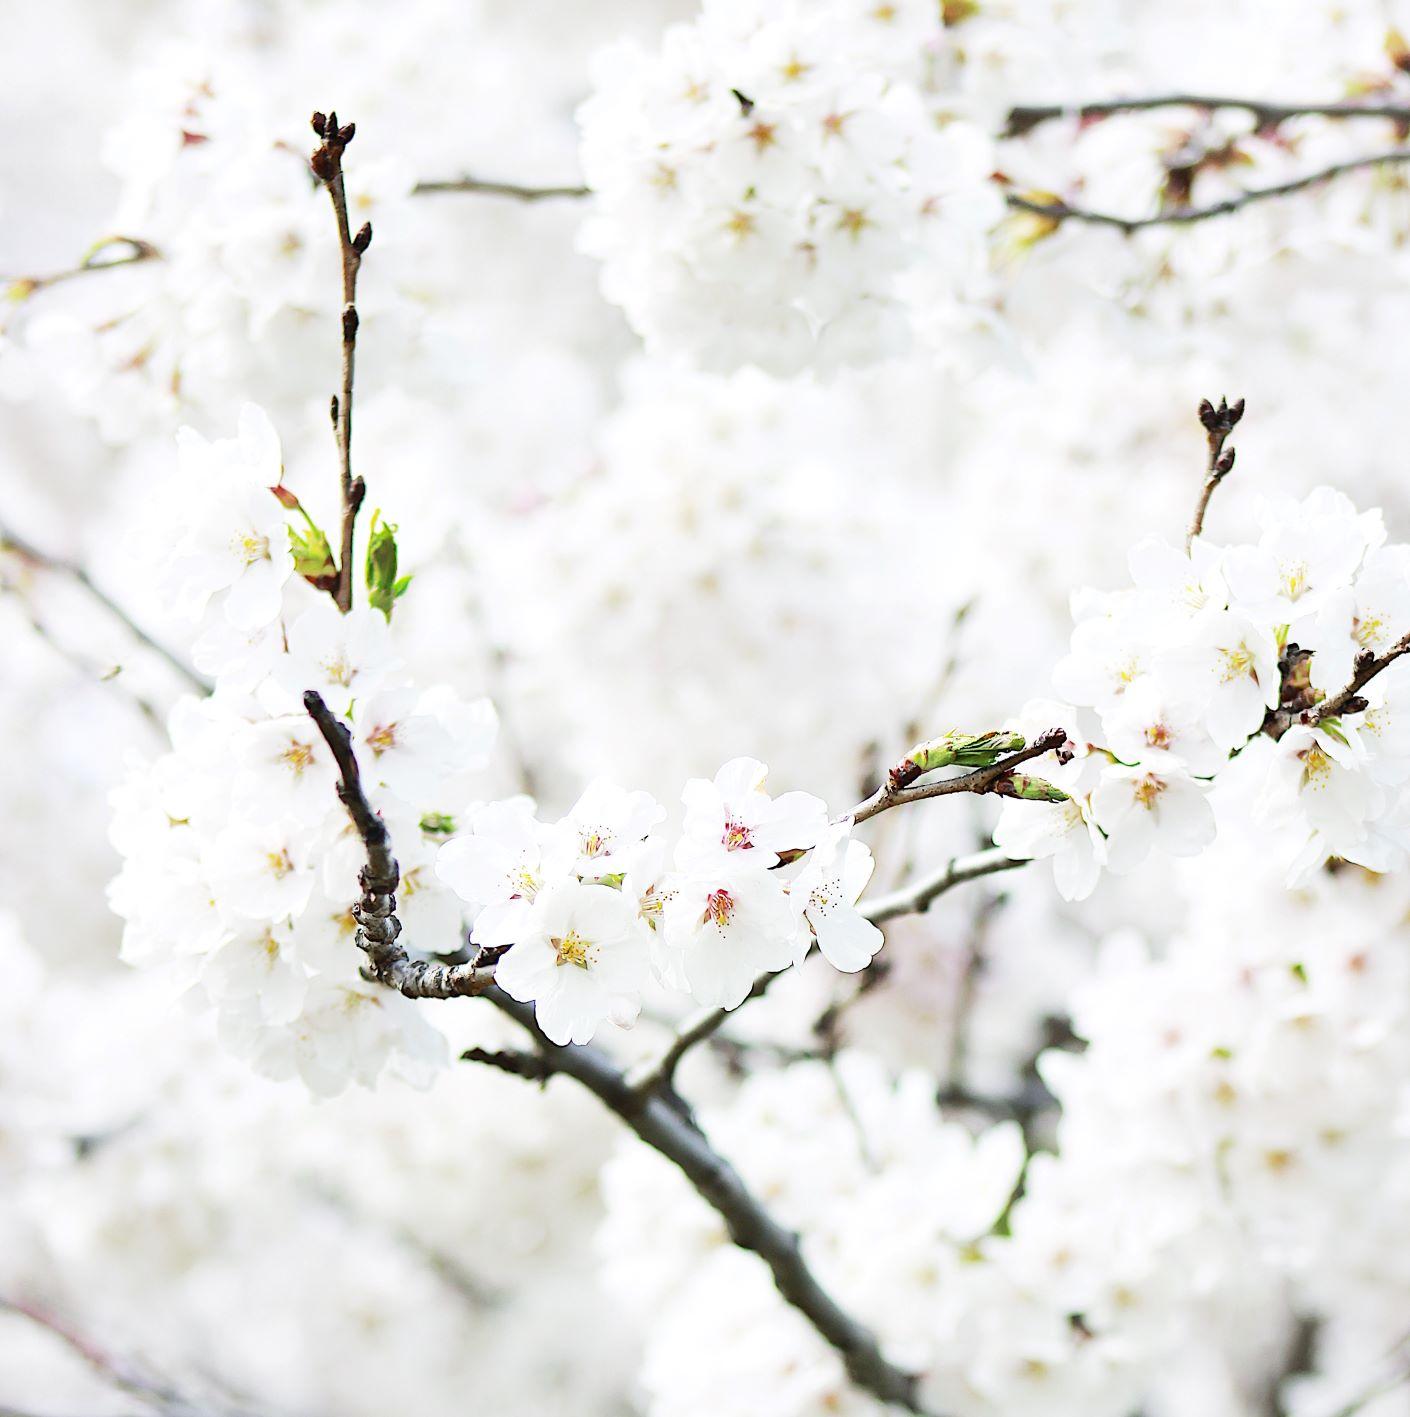 Seasonal Allergies // by Alyssa LaCourse